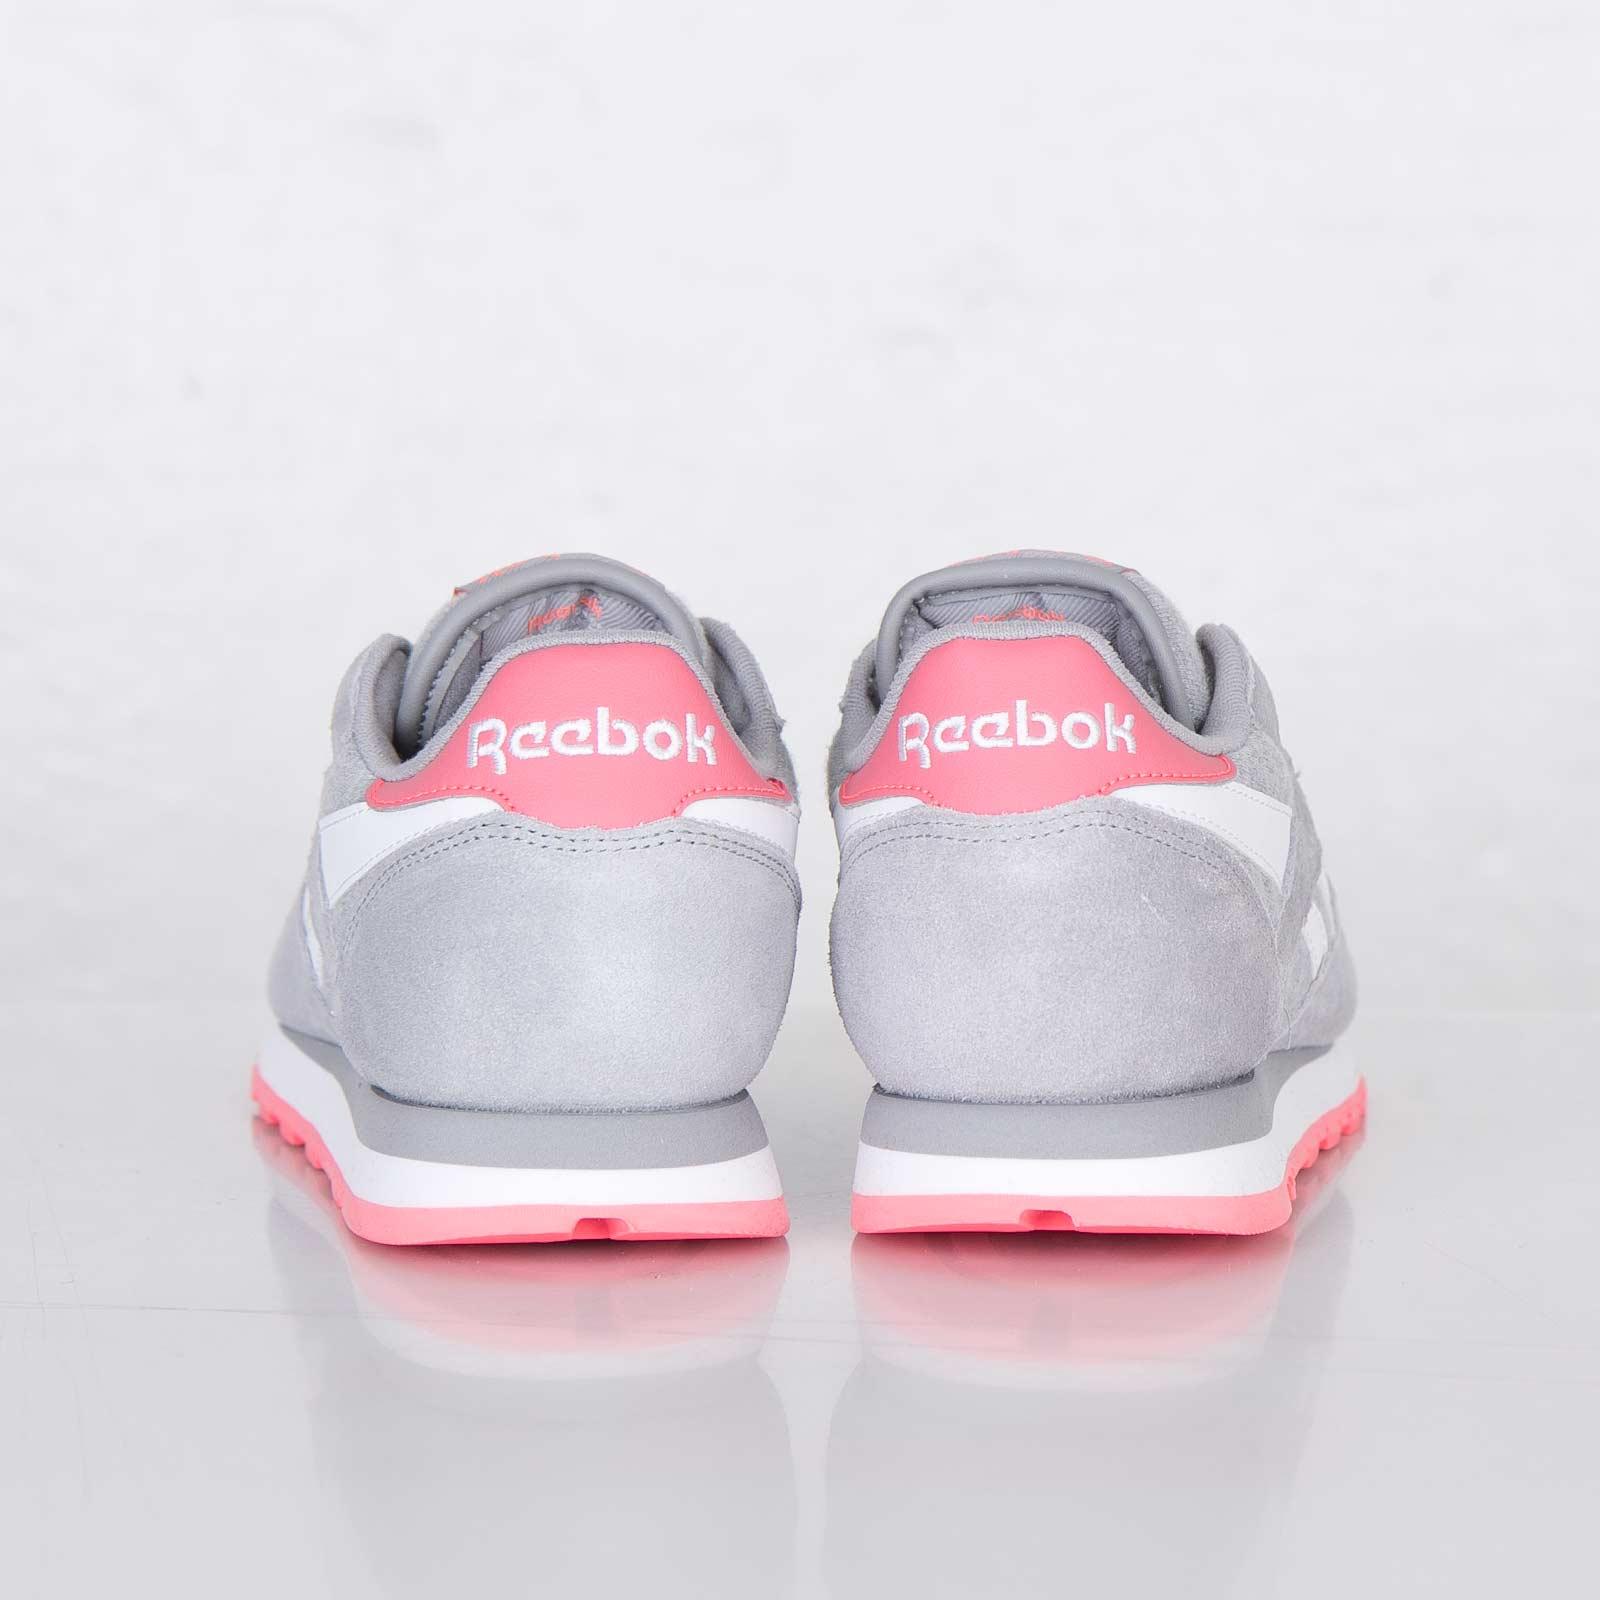 finest selection d3251 d1671 Reebok Classic Leather Seasonal - V60294 - Sneakersnstuff   sneakers   streetwear  online since 1999